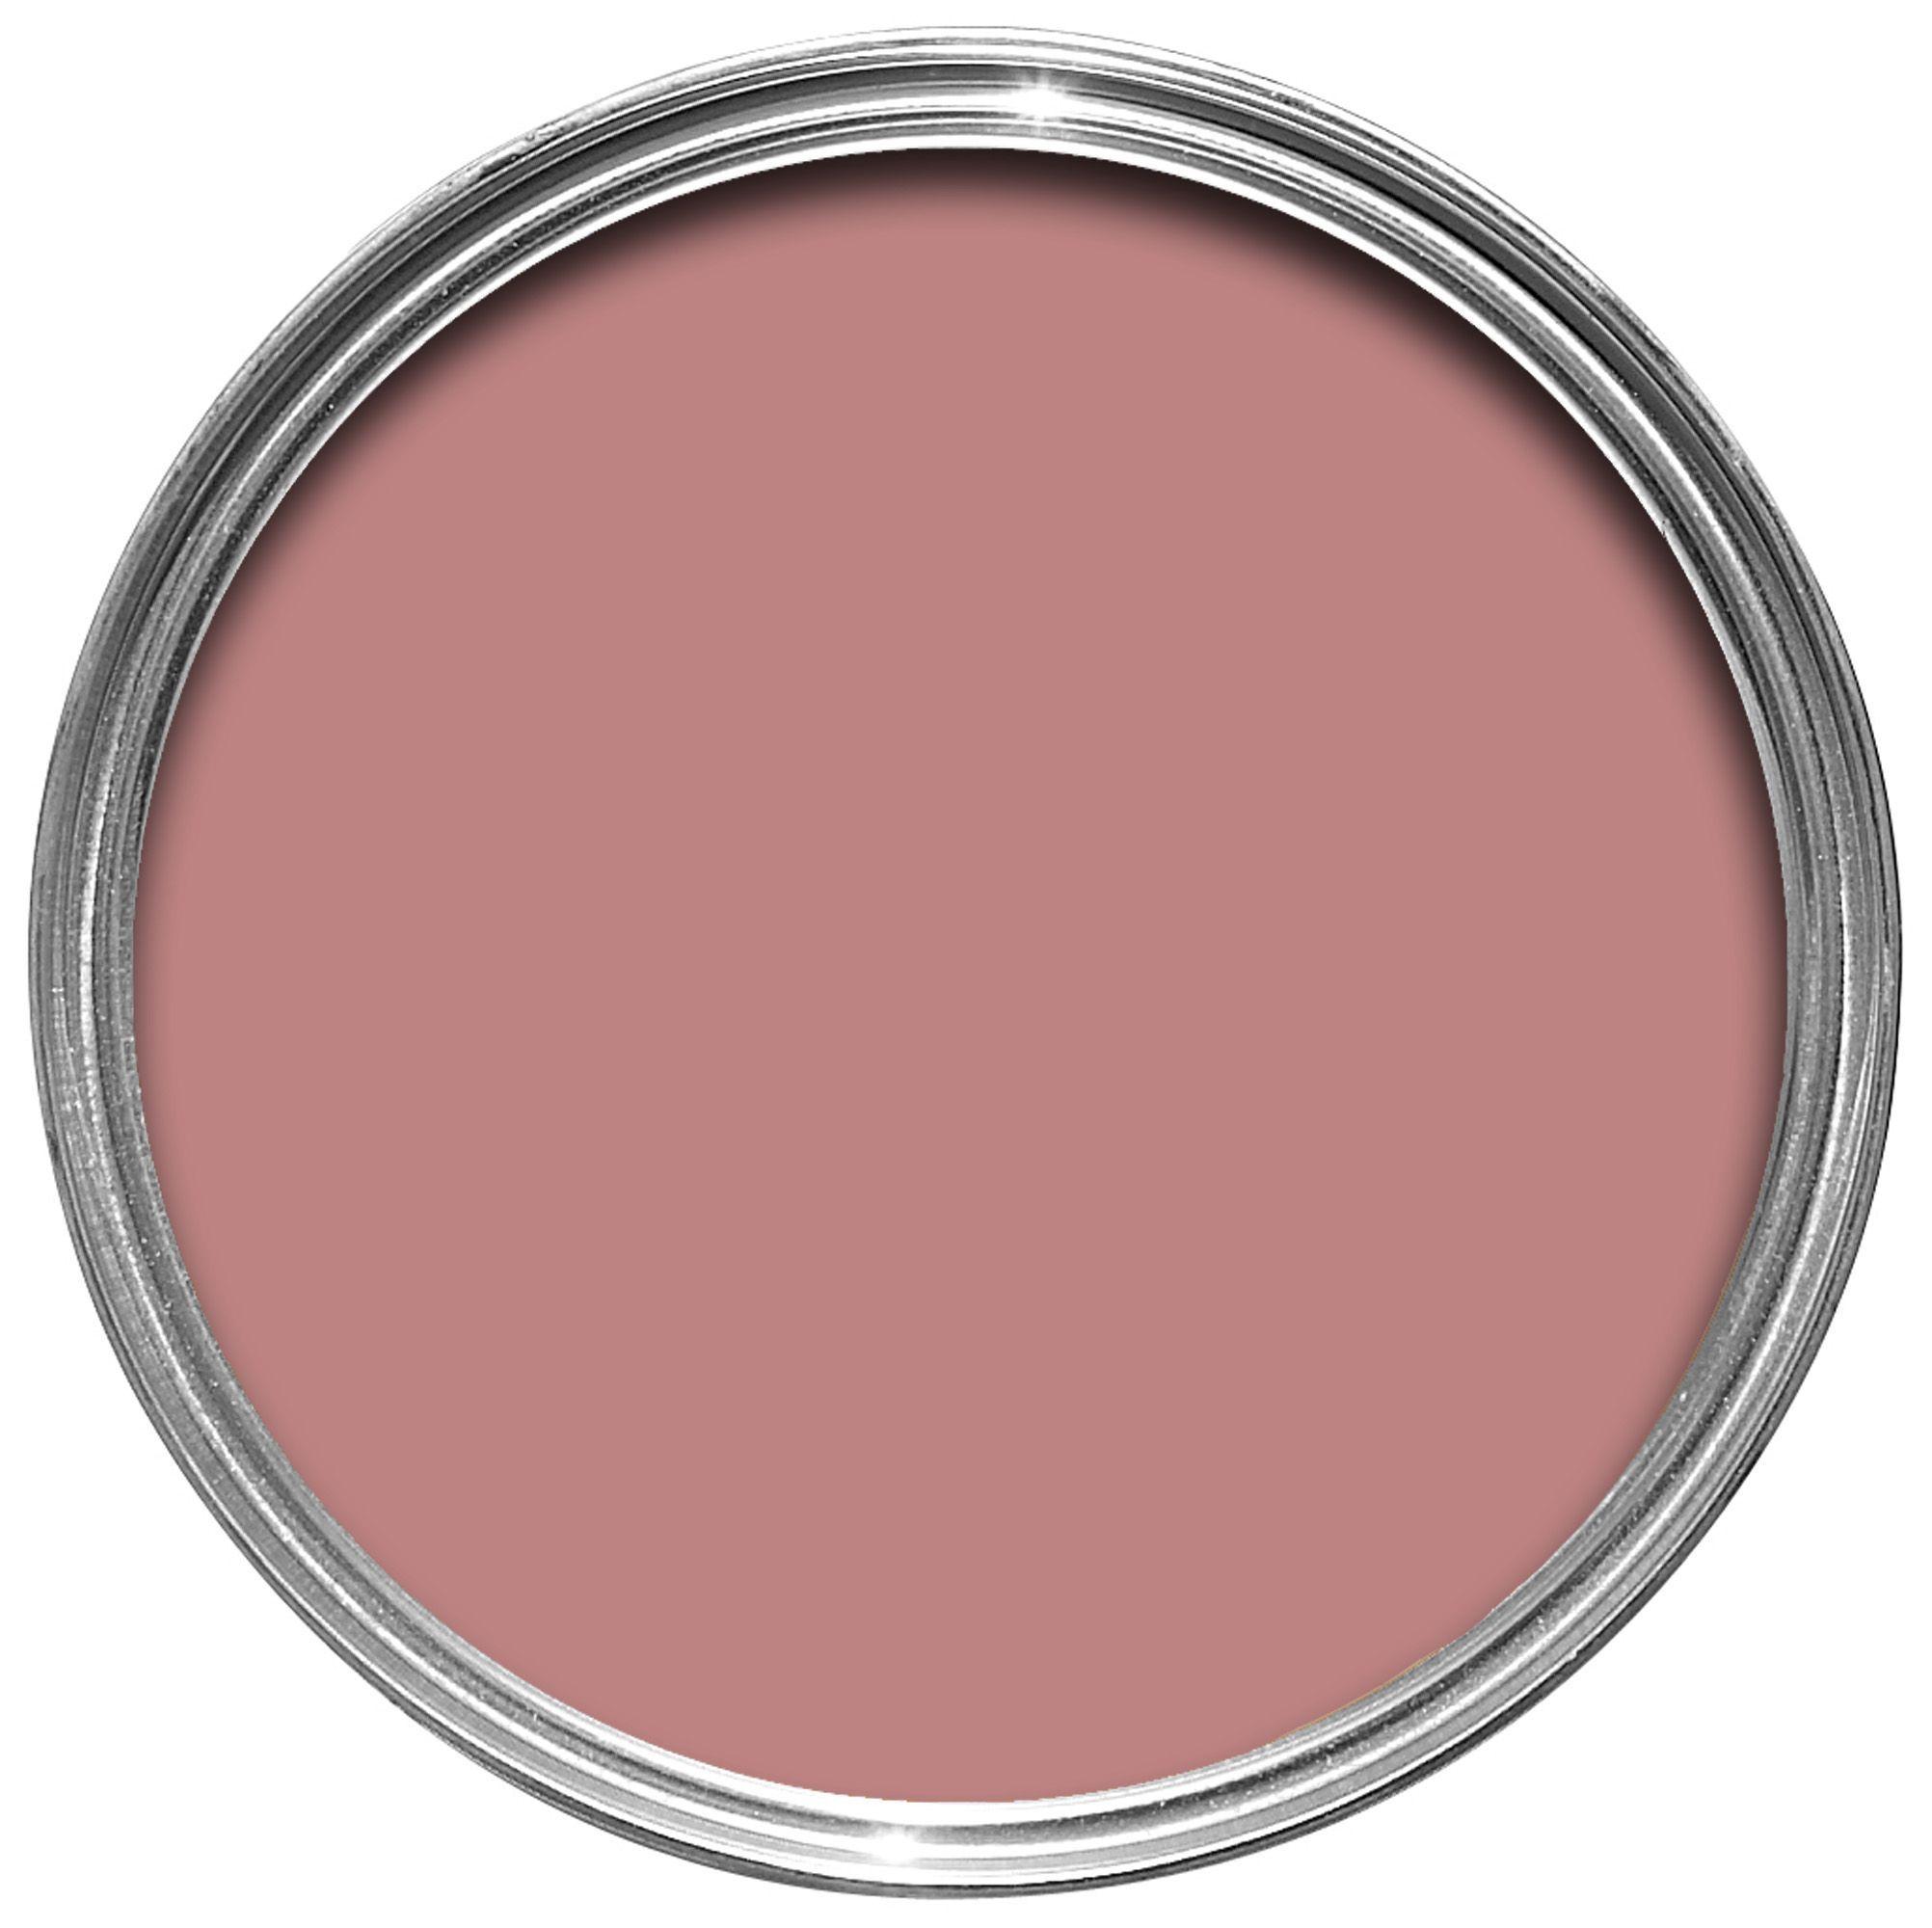 Rust-Oleum Dusky Pink Chalky Effect Matt Furniture Paint ...